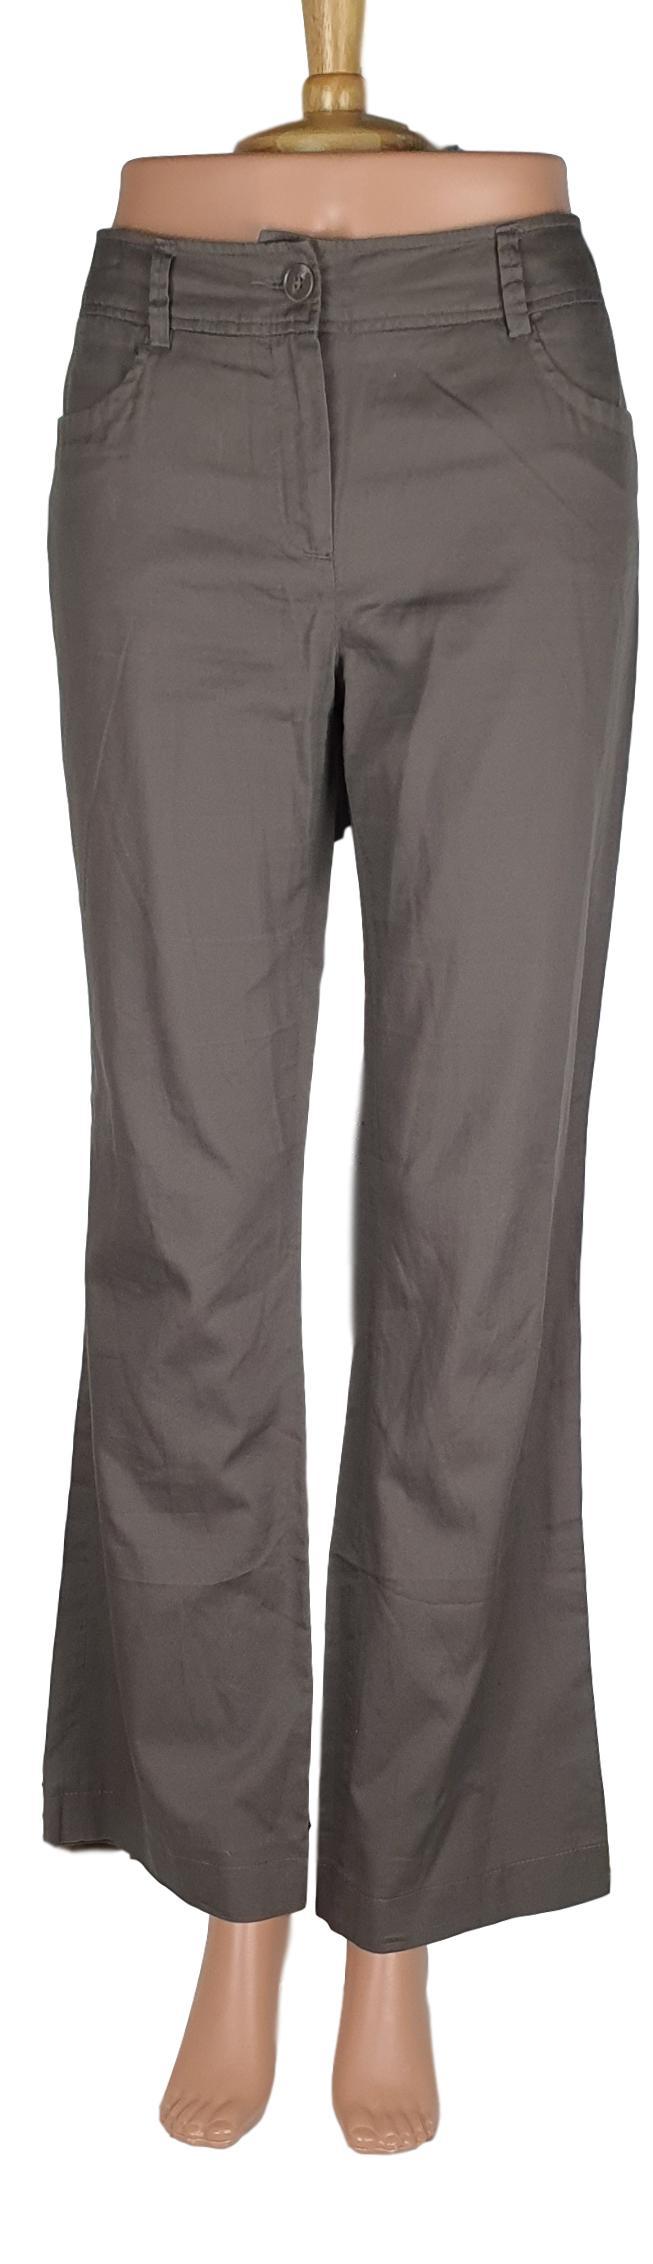 Pantalon Camaïeu - Taille 40